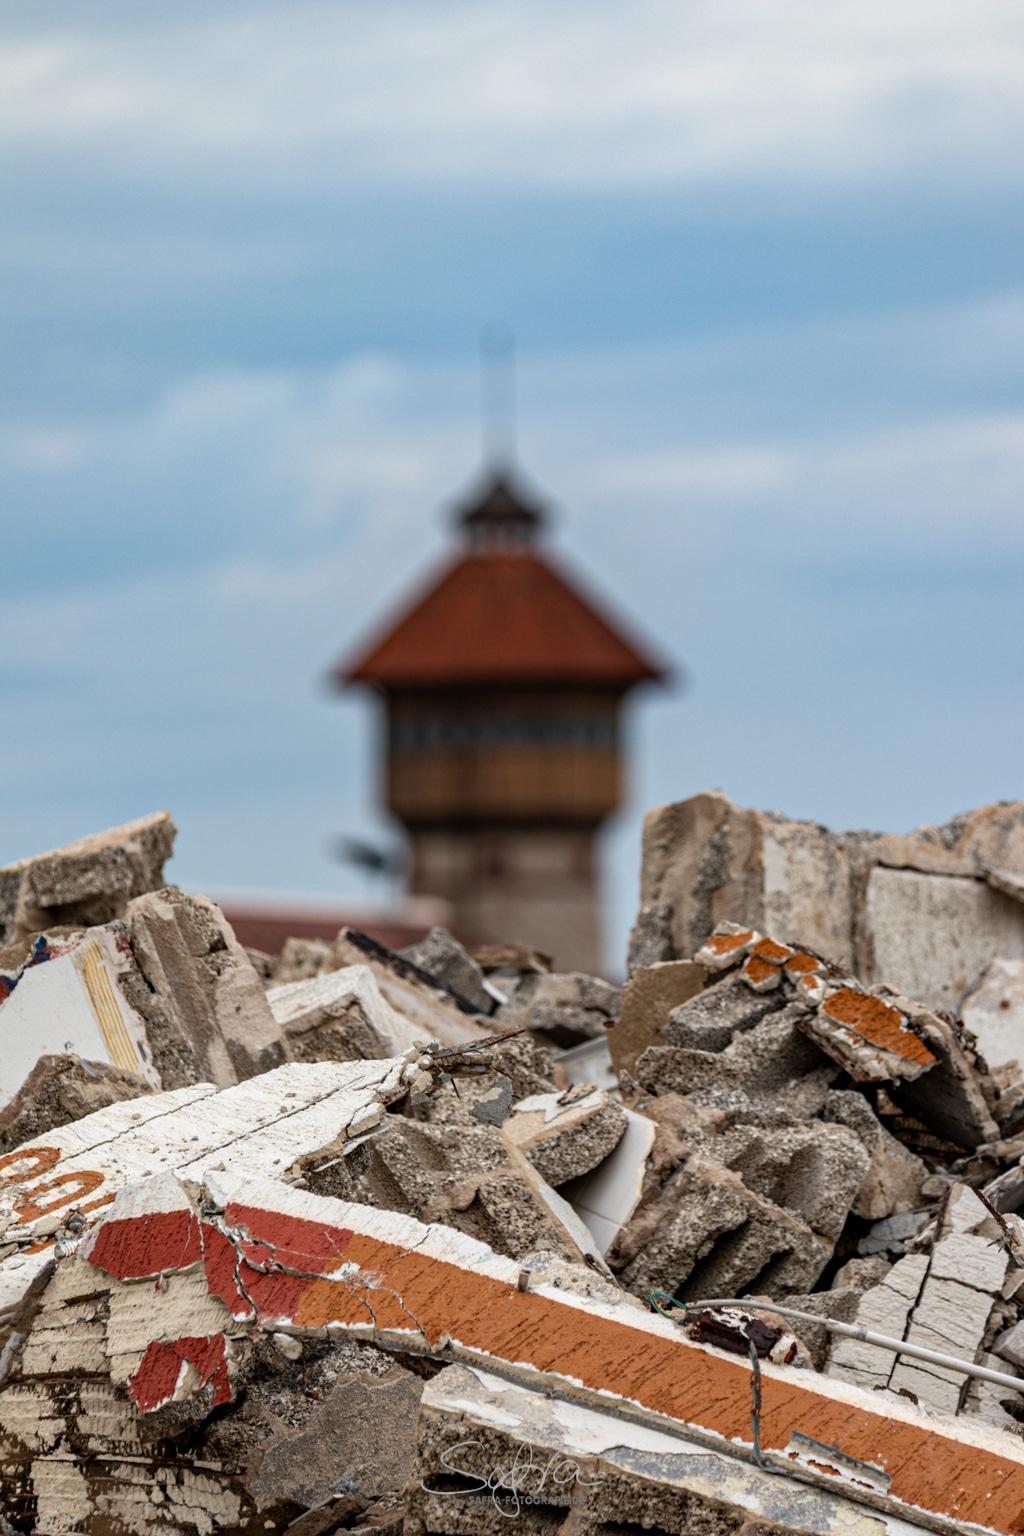 Babenhausen, ehemalige Kaserne, Abriss vo dem alten Wasserturm